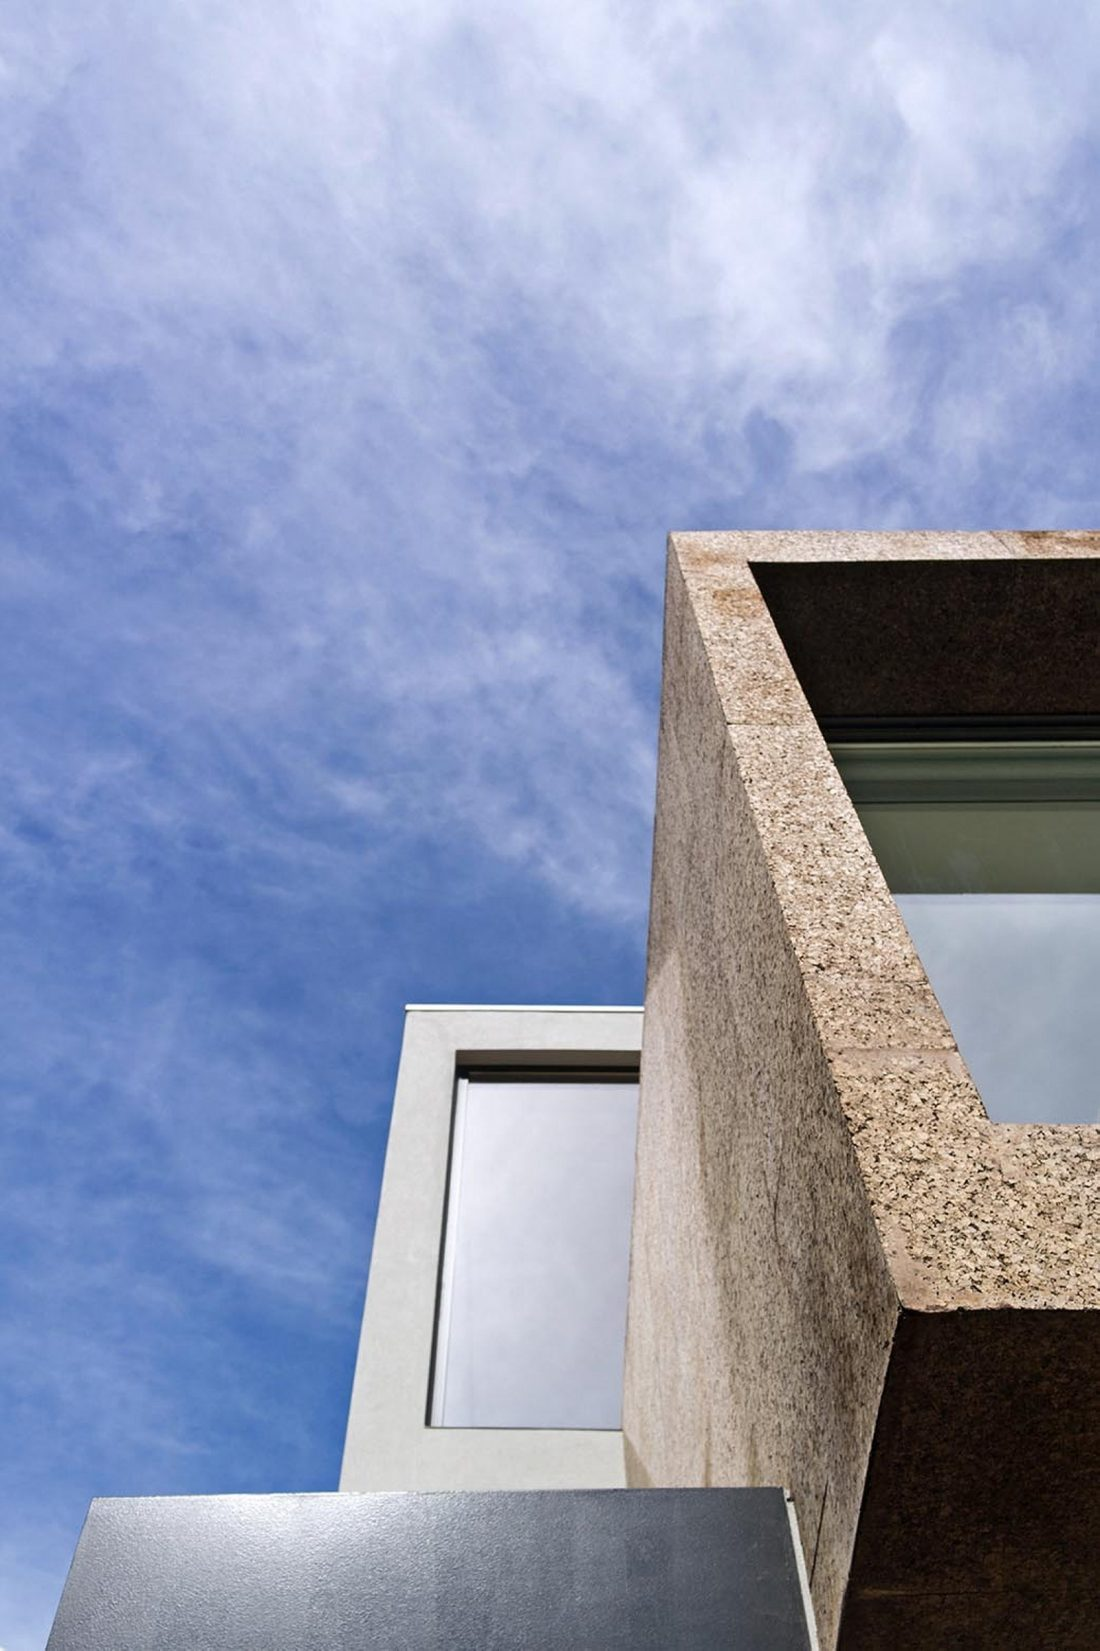 Реконструкция старинного дома Bonjardim House в Португалии по проекту ATKA arquitectos 10